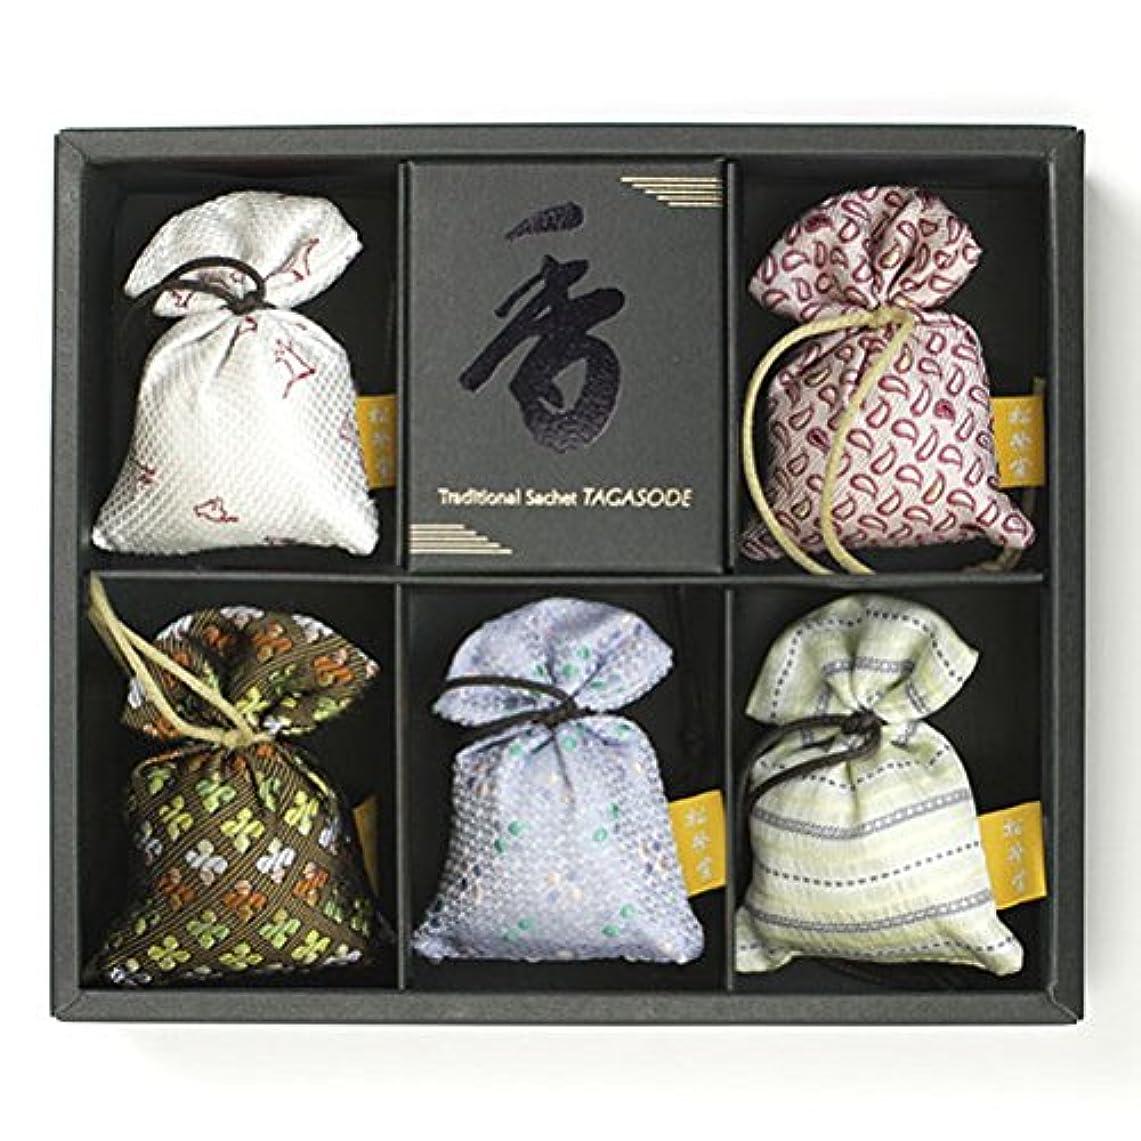 オン解体するモードリン匂い袋 誰が袖 薫 かおる 5個入 松栄堂 Shoyeido 本体長さ60mm